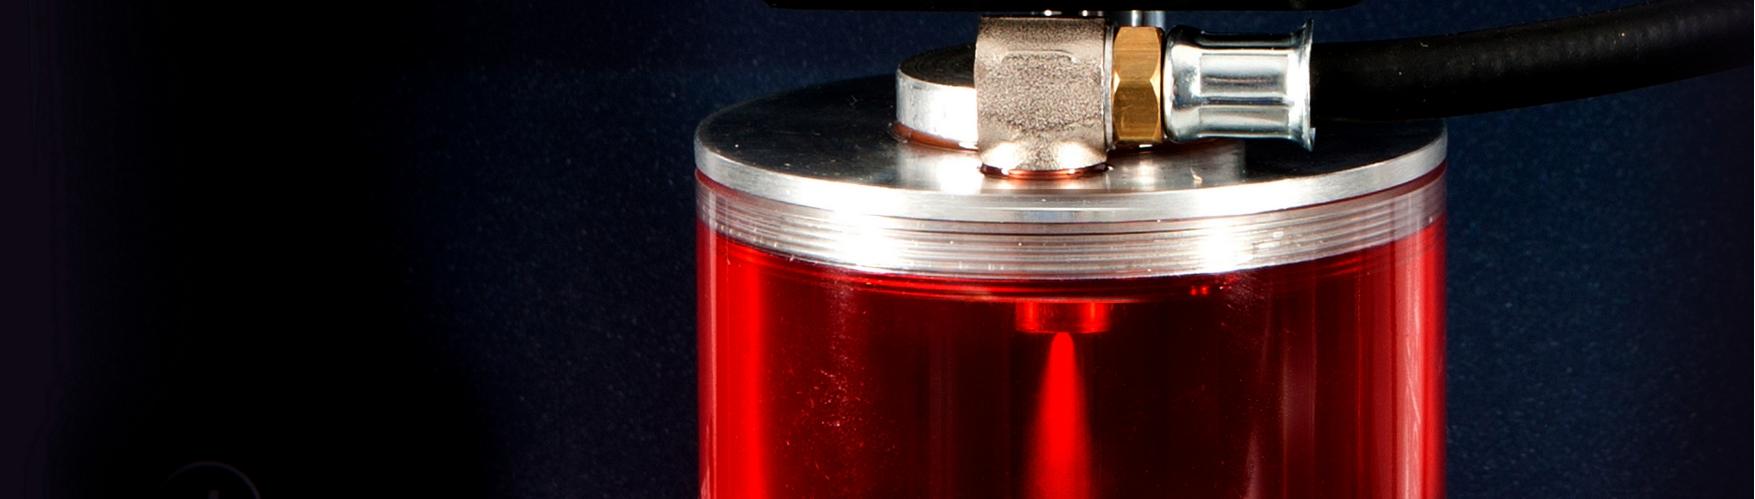 banc-test-injecteur-essence